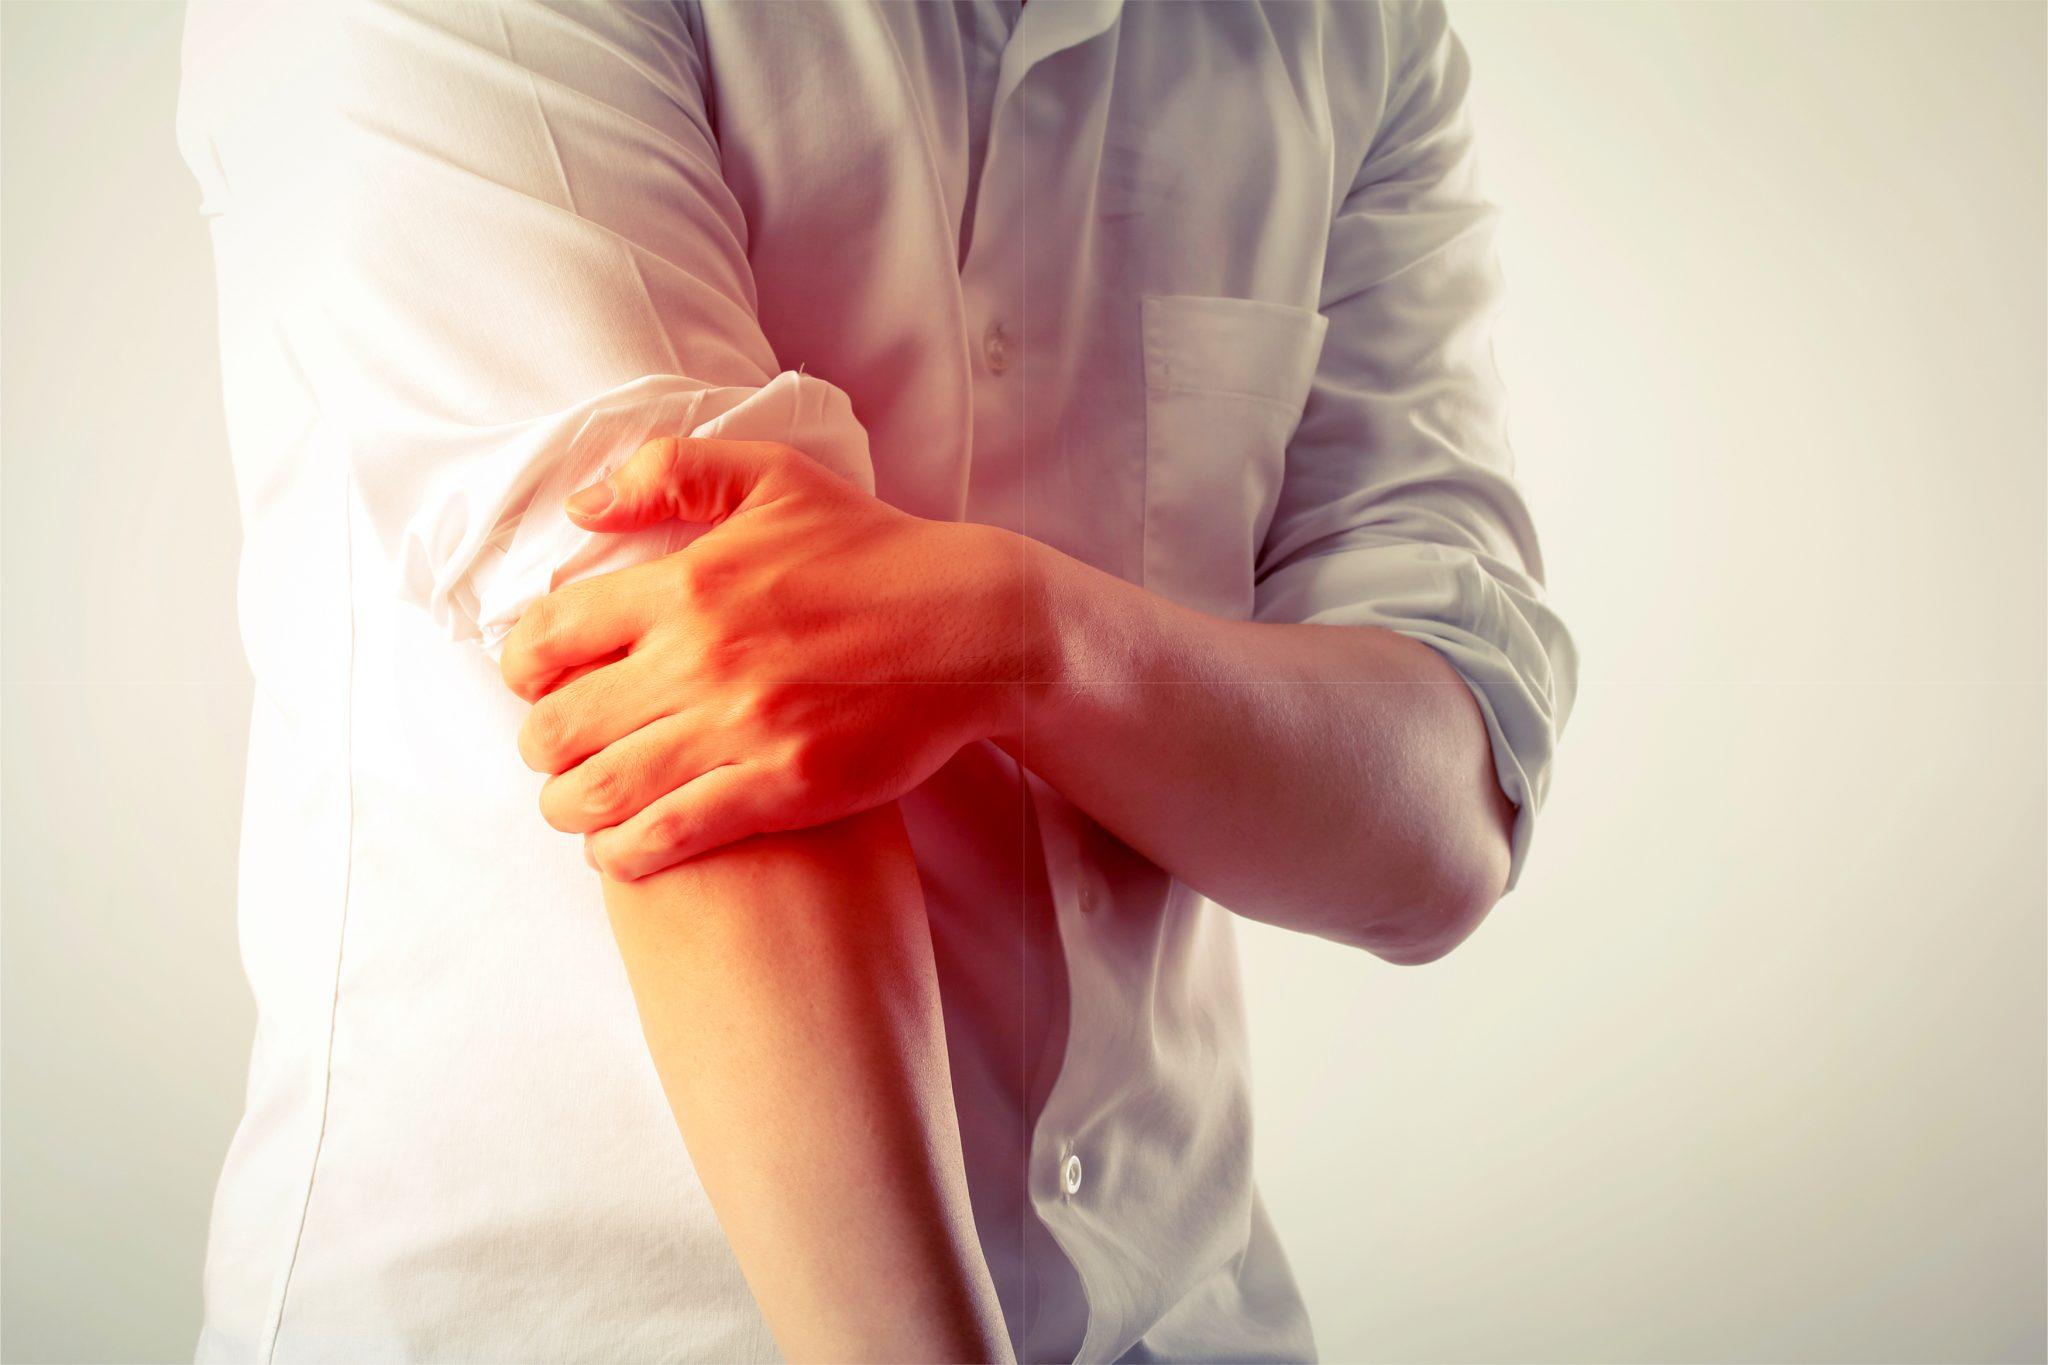 痛風で肘が痛い